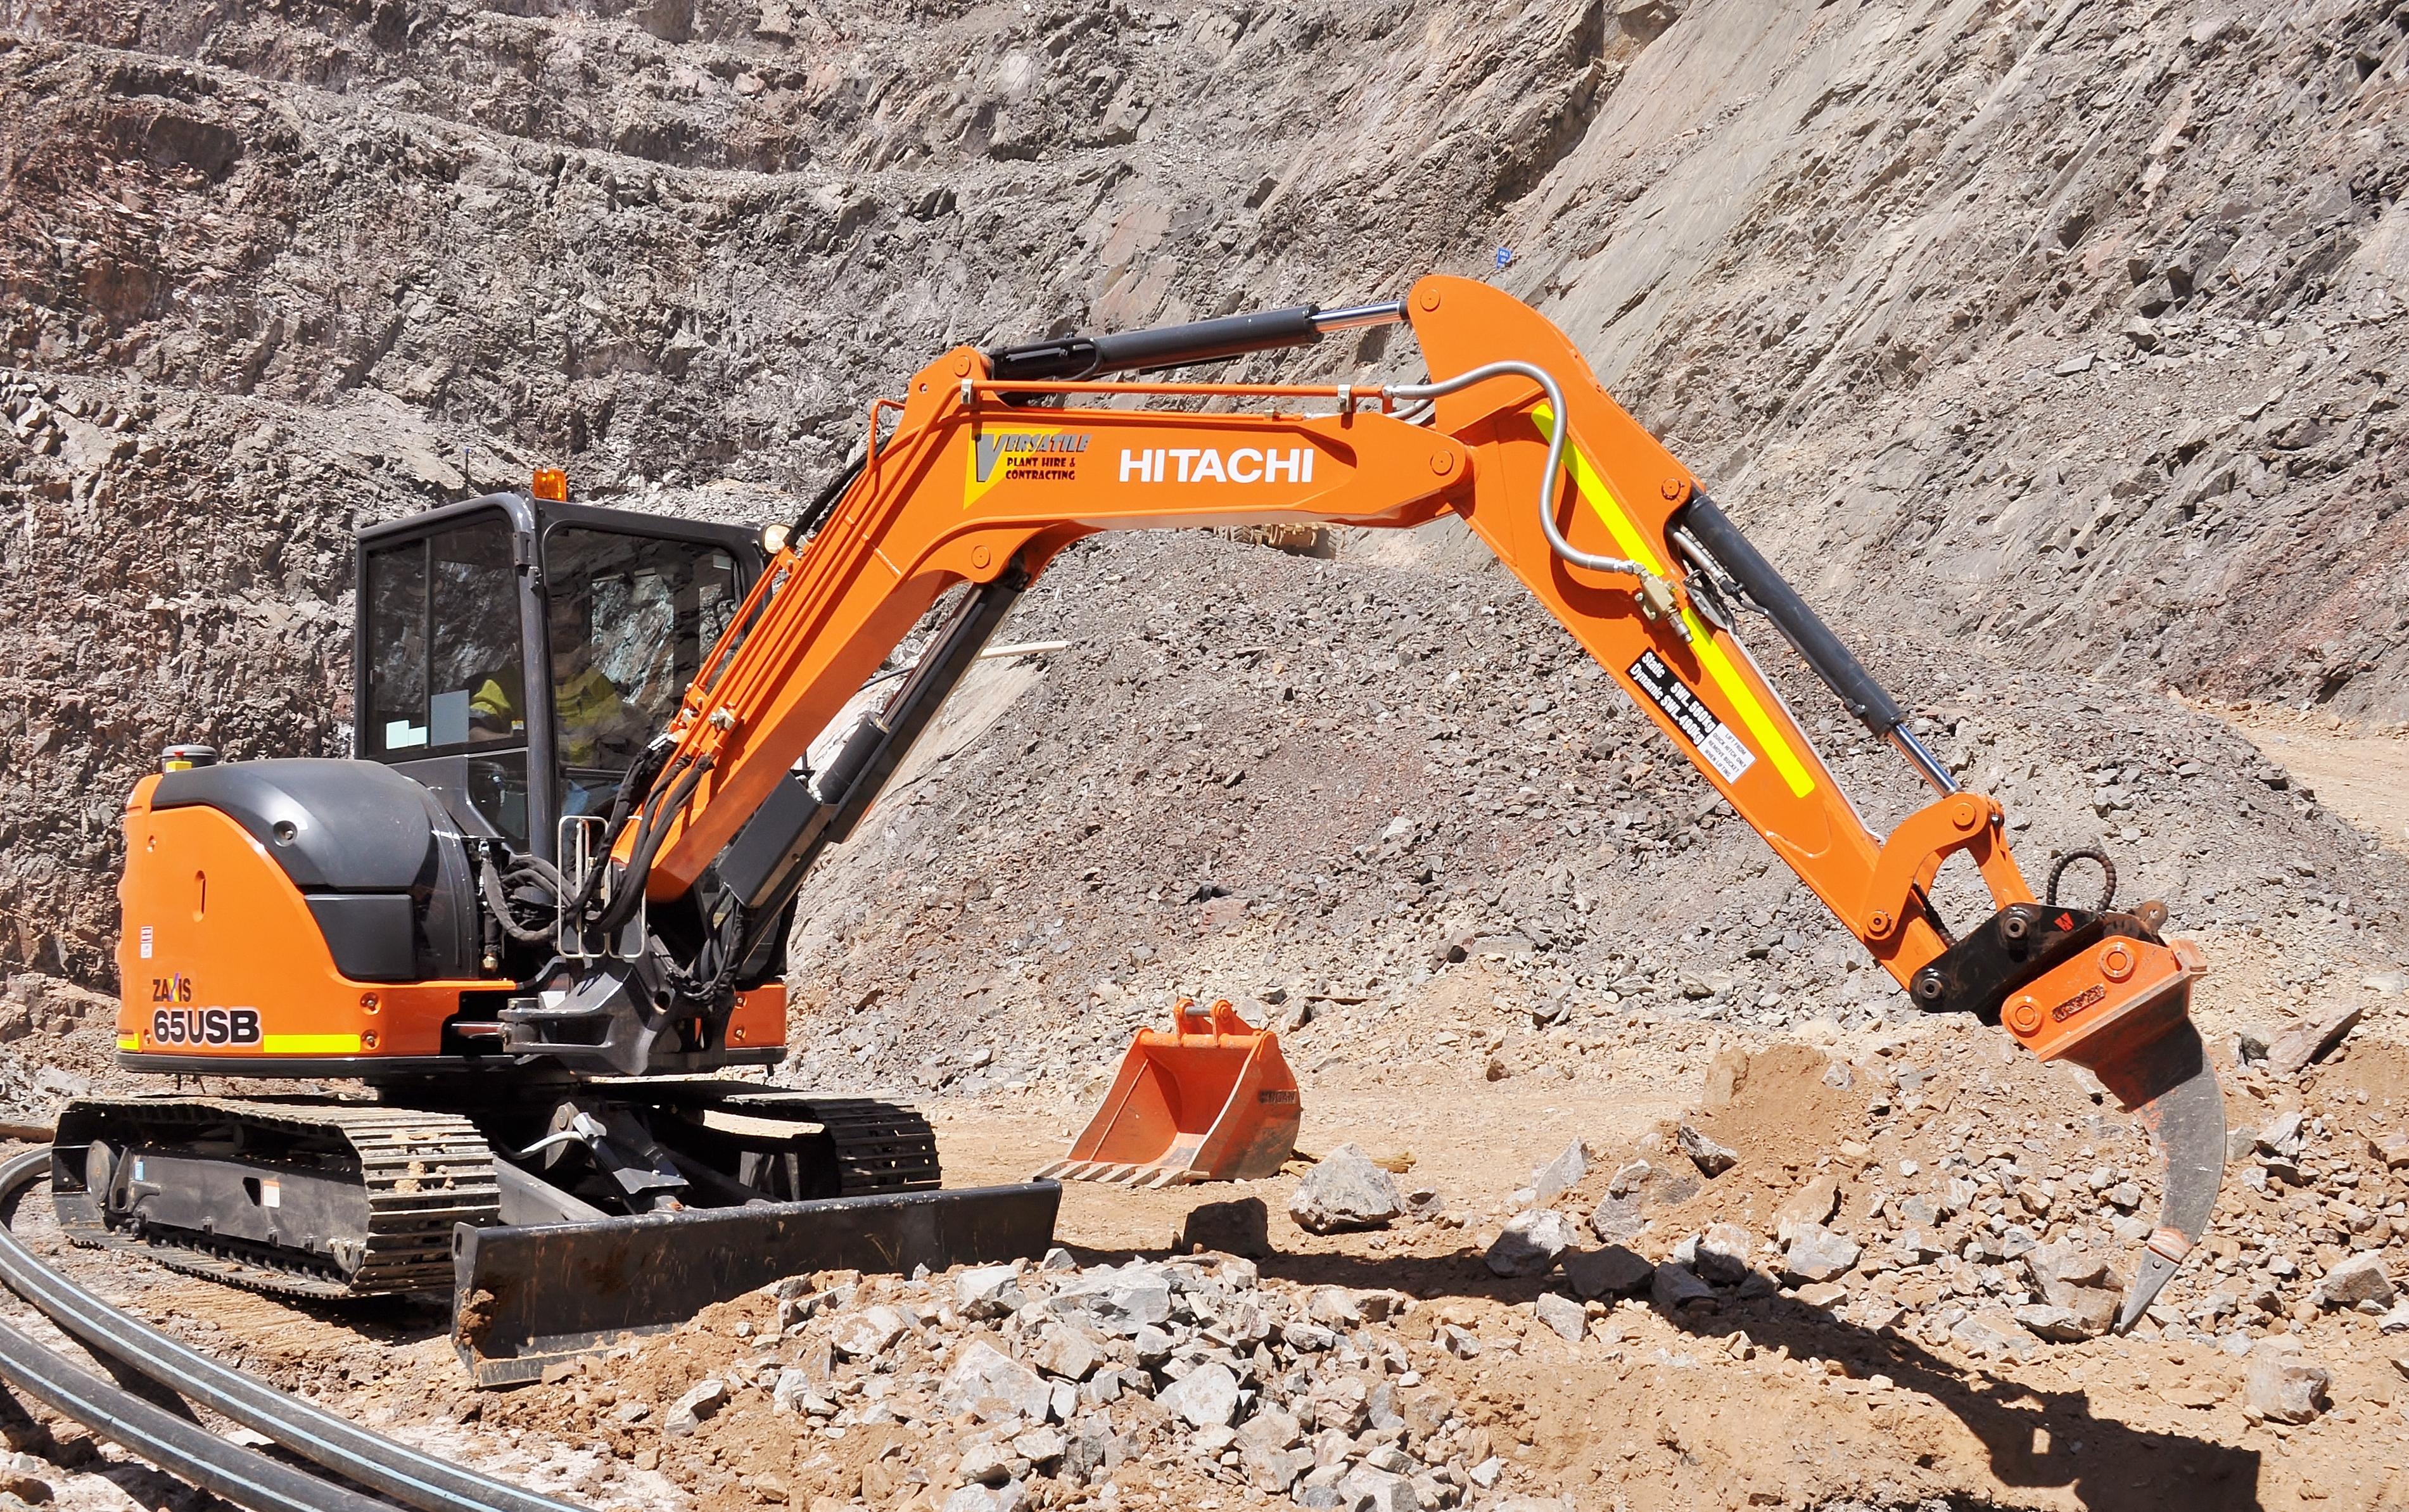 Excavator ripper